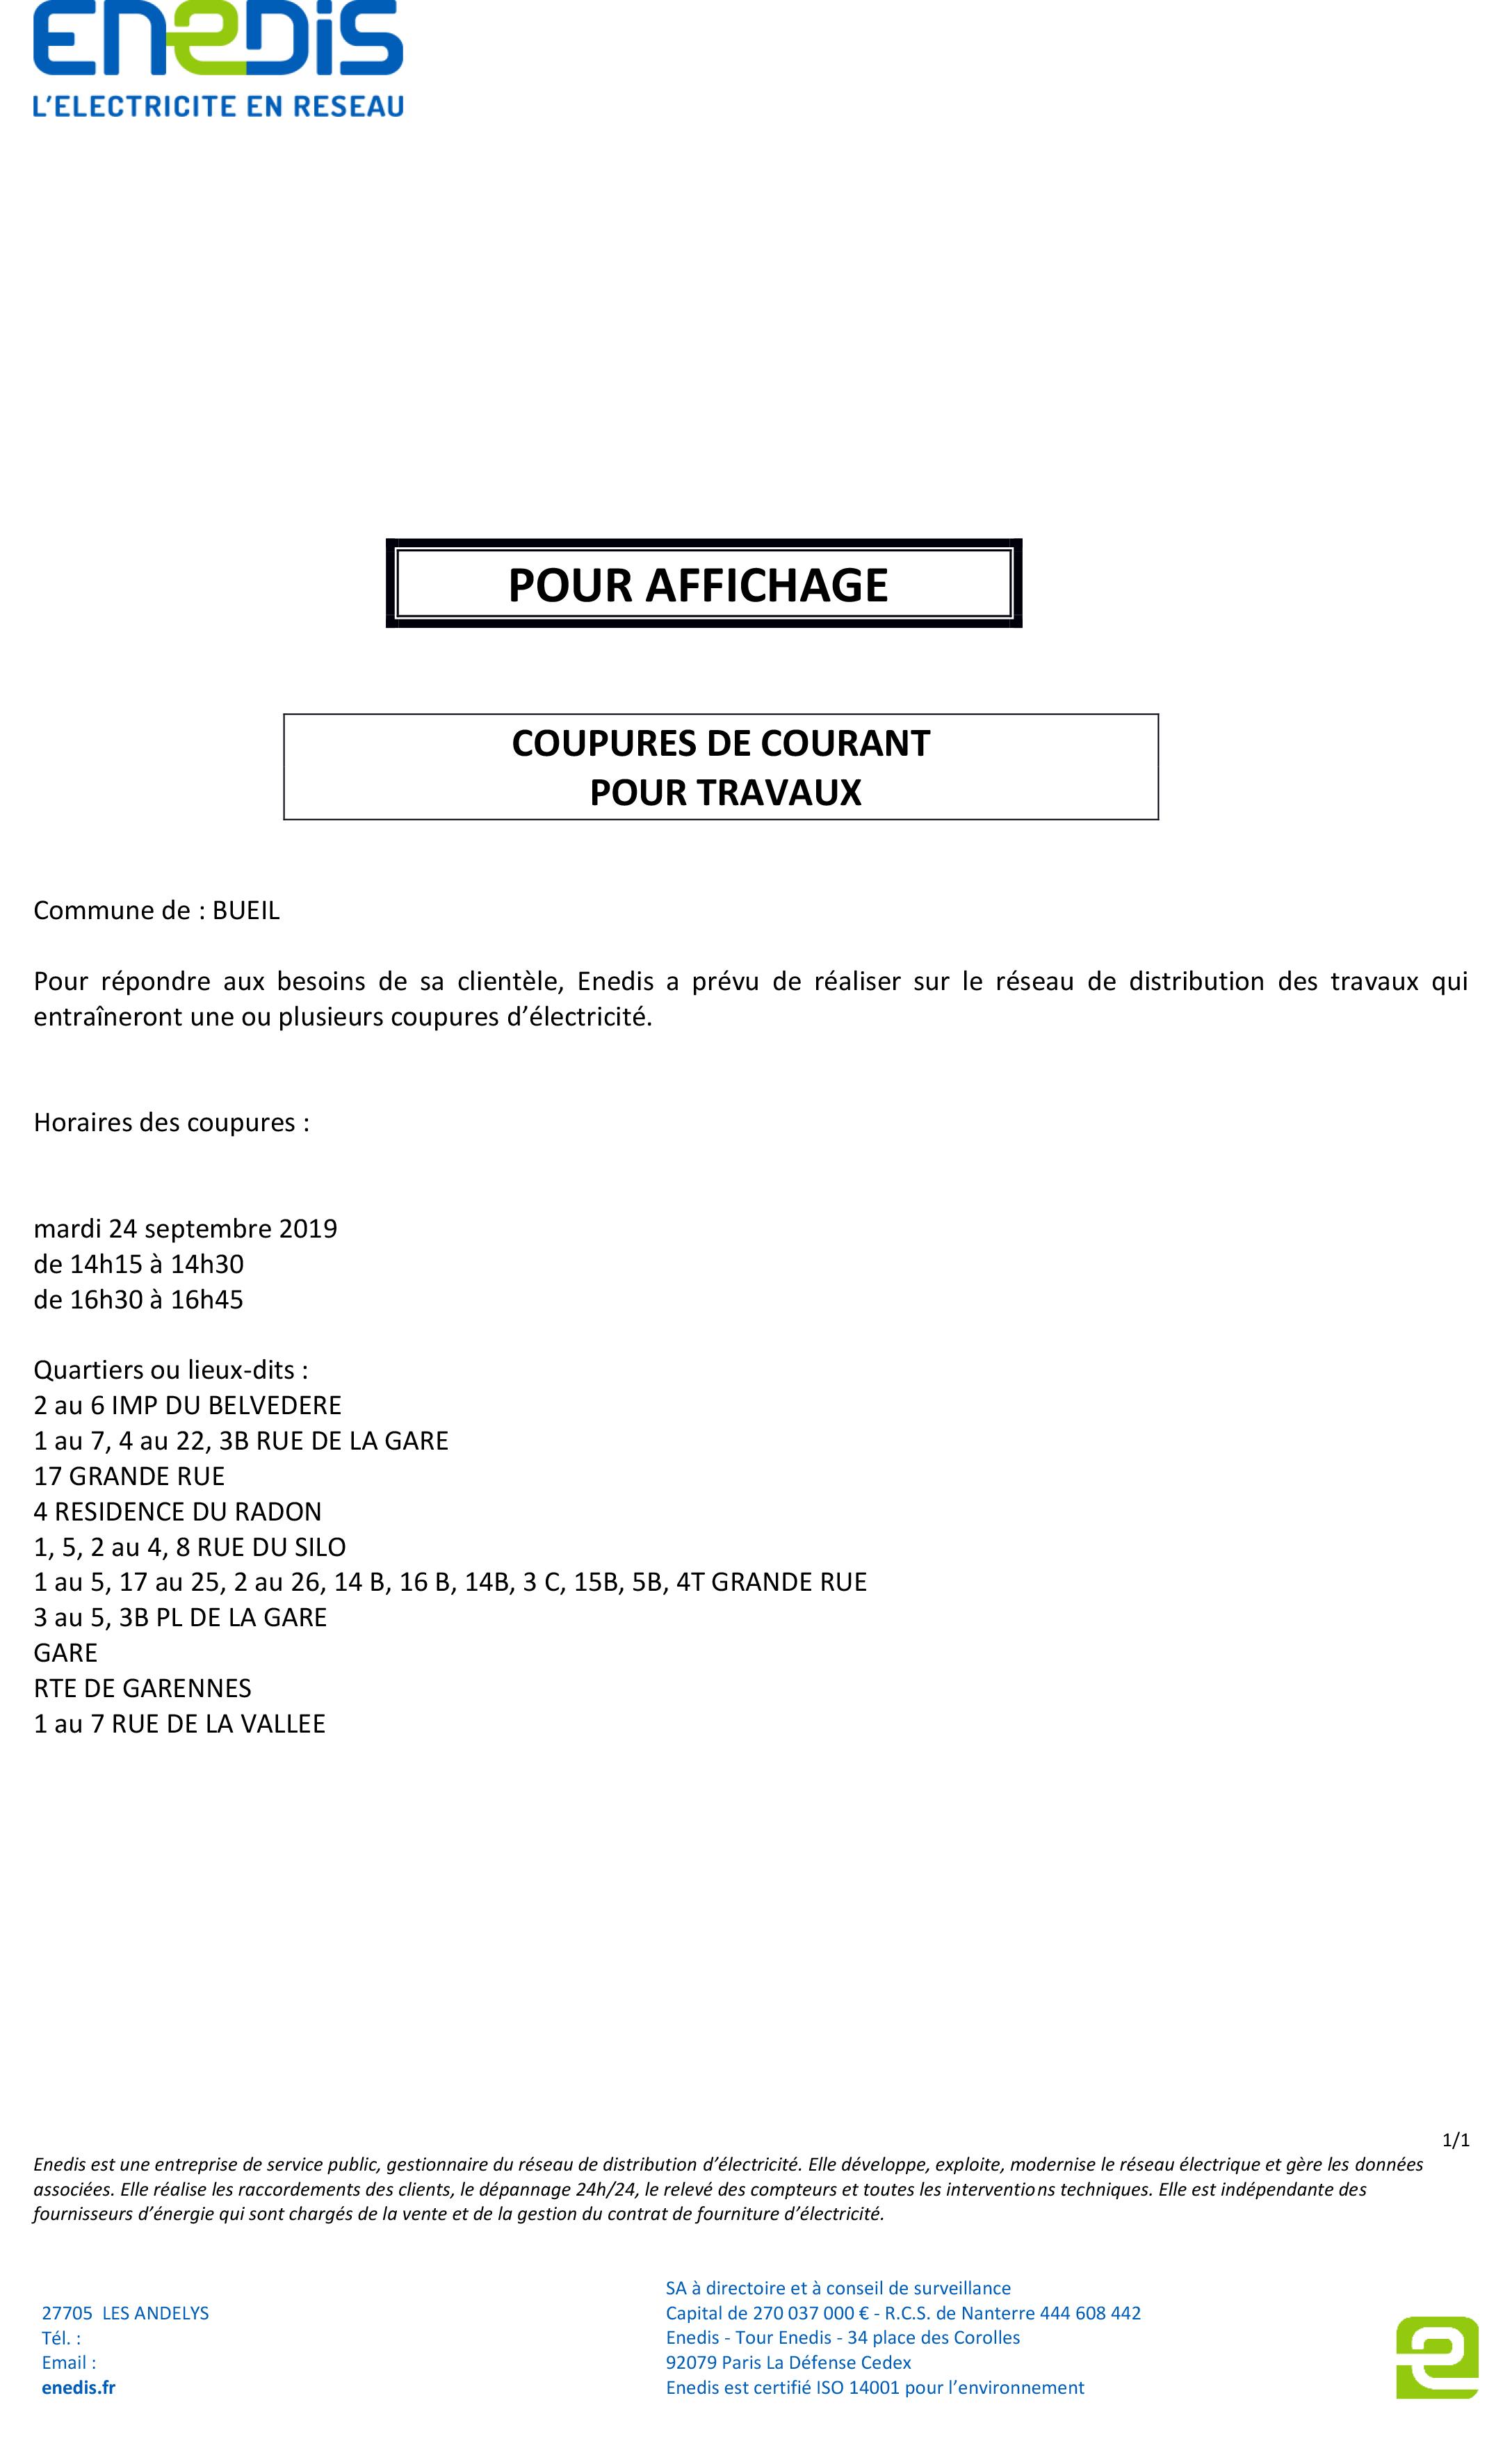 022-AVCT20190819141417.13129-BUEIL-20160901124958_ProgTx-Mairie-PJ-V1